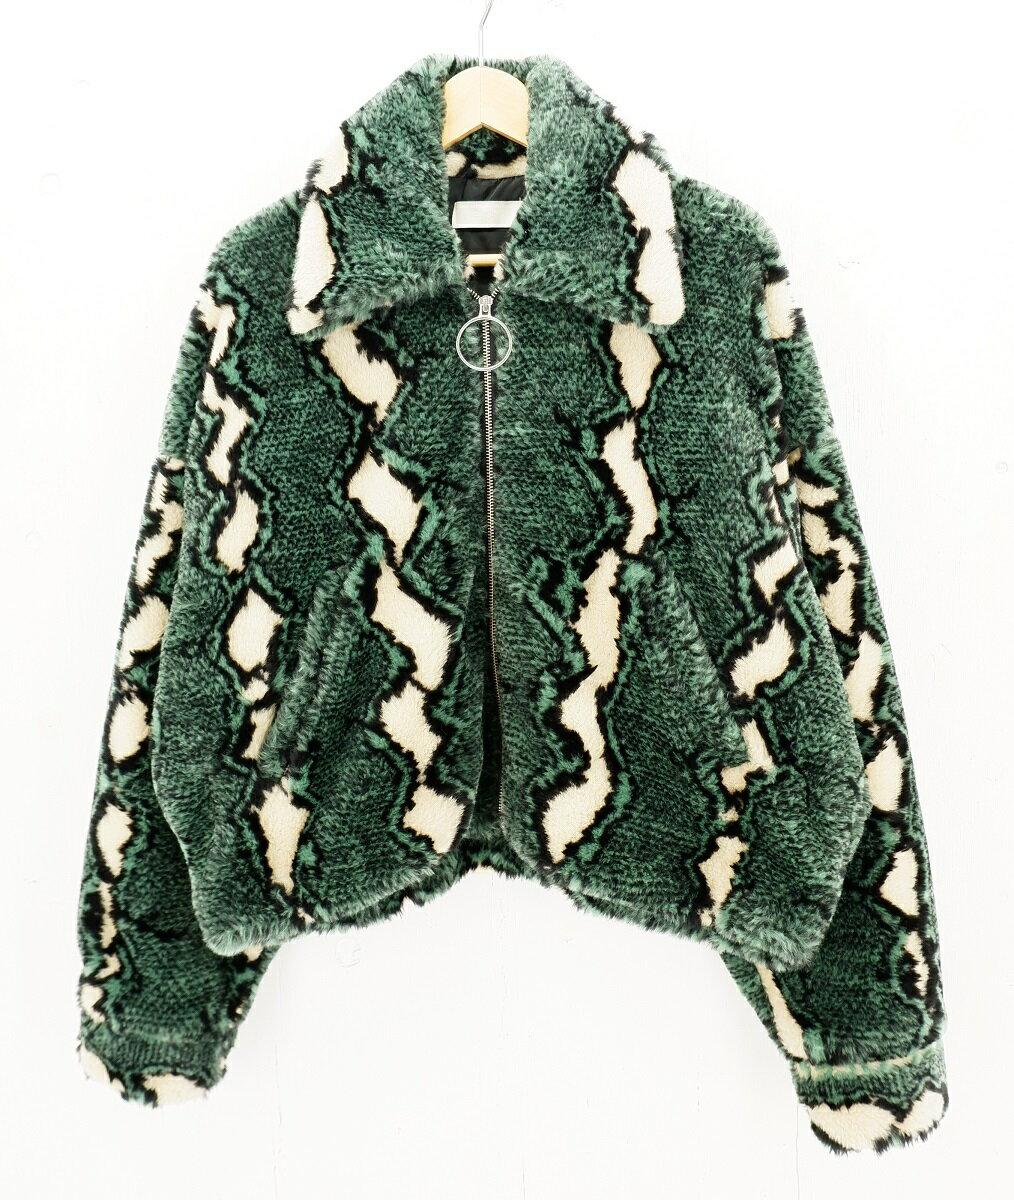 メンズファッション, コート・ジャケット NEON SIGN 17AW PYTHON JACKET size44 0730 Made in Japan